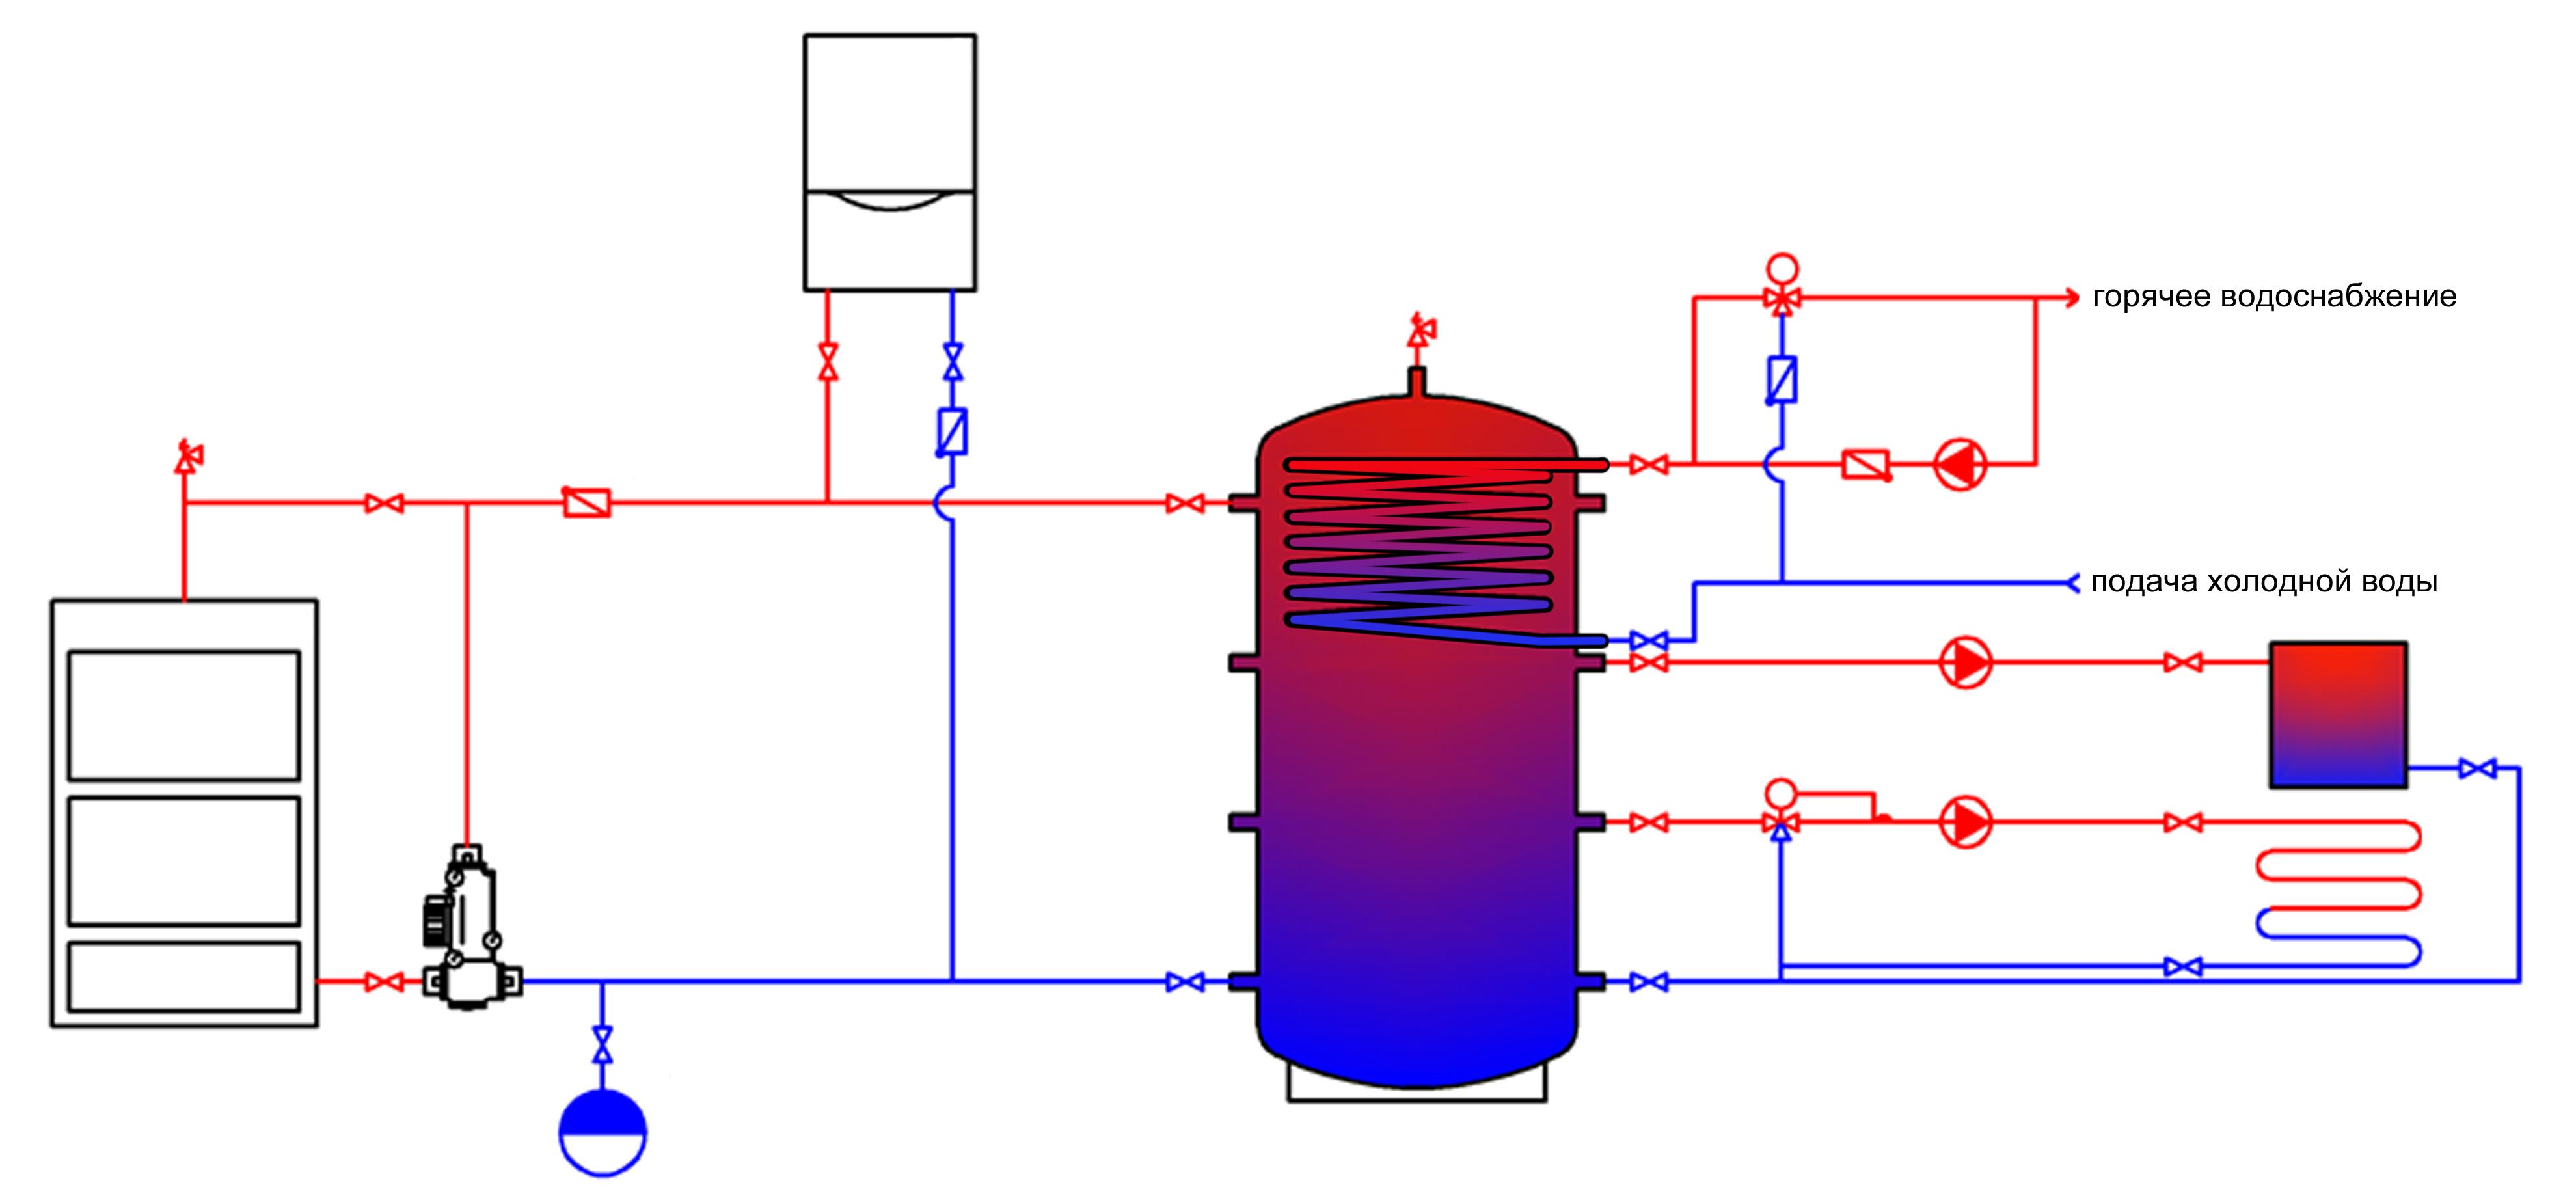 Теплообменники в системе горячего водоснабжения Кожухотрубный теплообменник Alfa Laval Cetecoil 480-L Таганрог